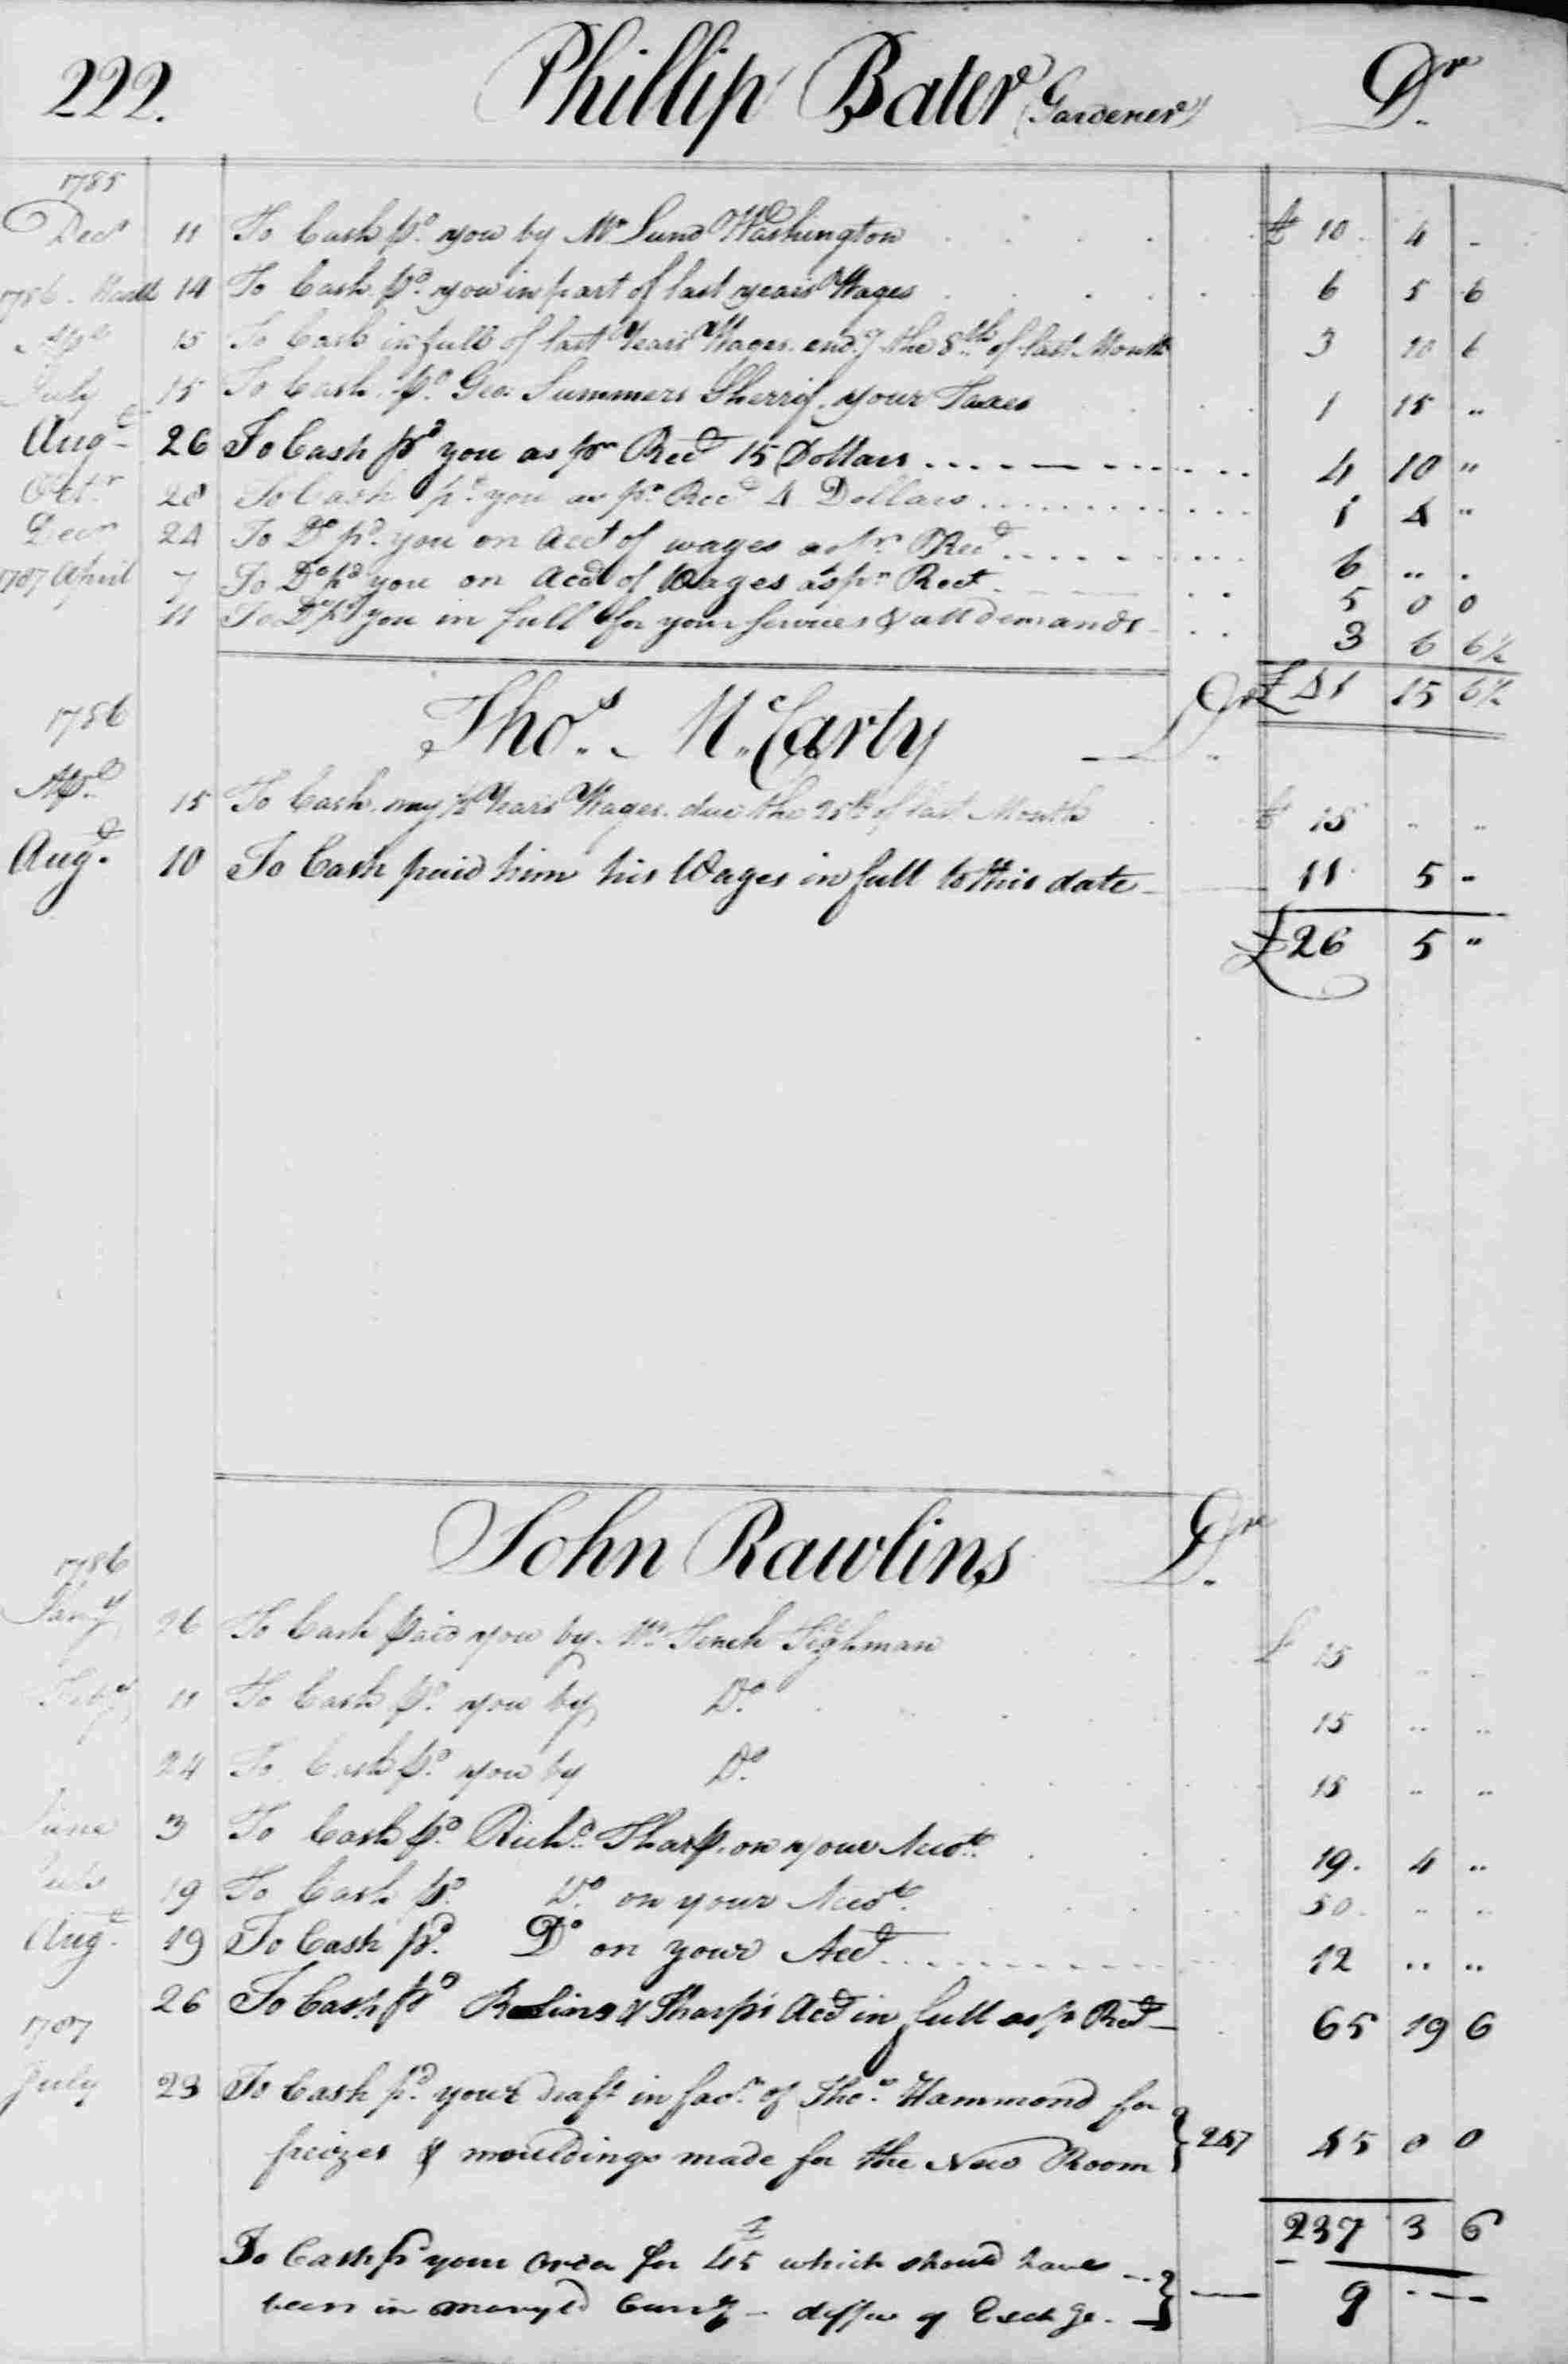 Ledger B, folio 222, left side